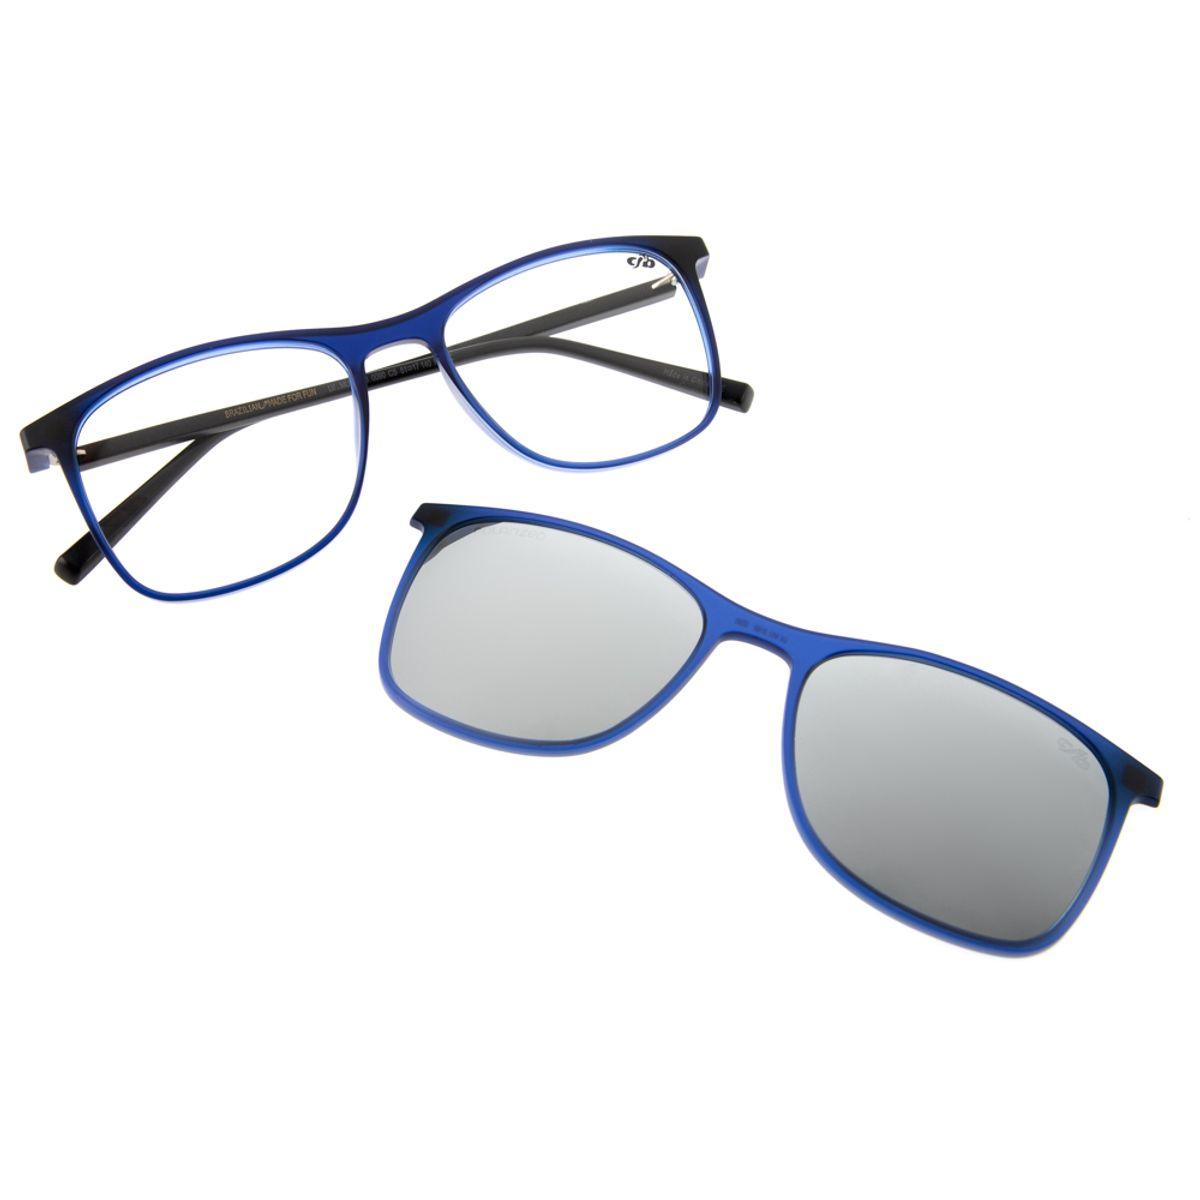 eceef8bf5 Armação para Óculos de Grau Chilli Beans Bicolor Clip On Azul 0186 -  LV.MU.0186.0090 M. REF: LV.MU.0186.0090. Previous